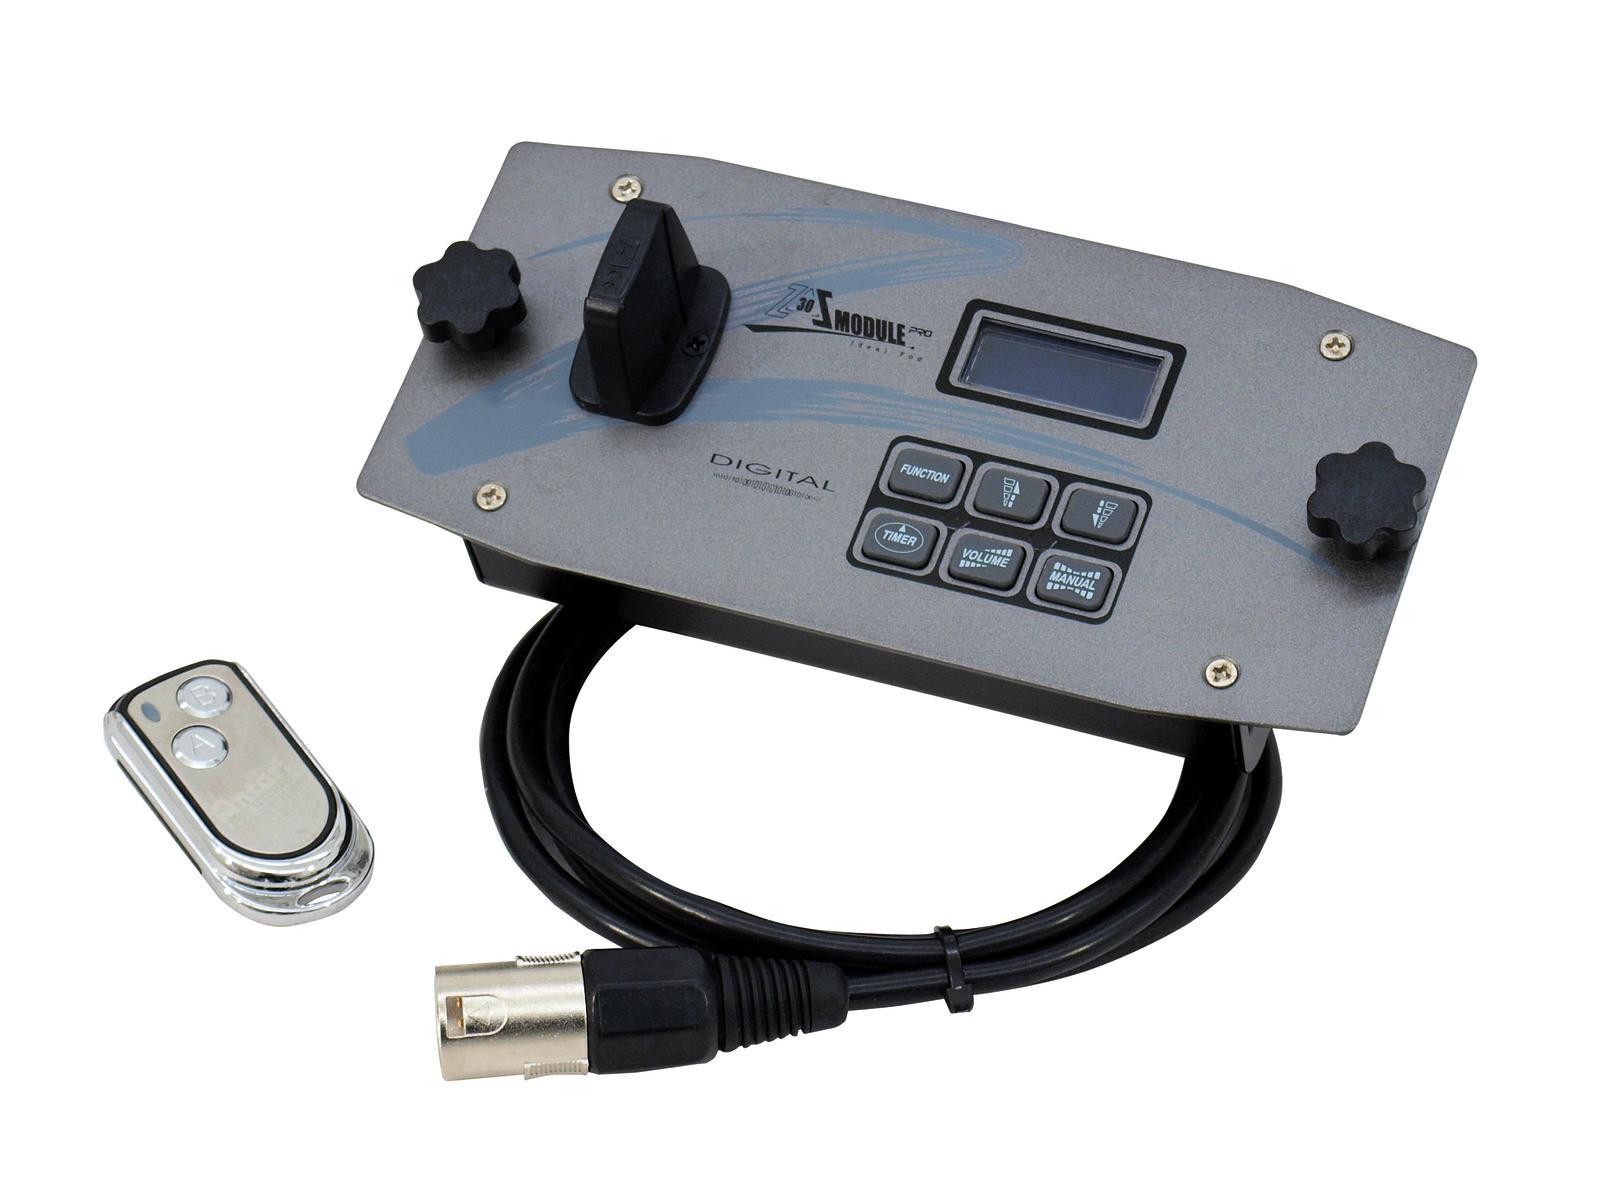 Billede af Antari Z-30 Trådløs controller